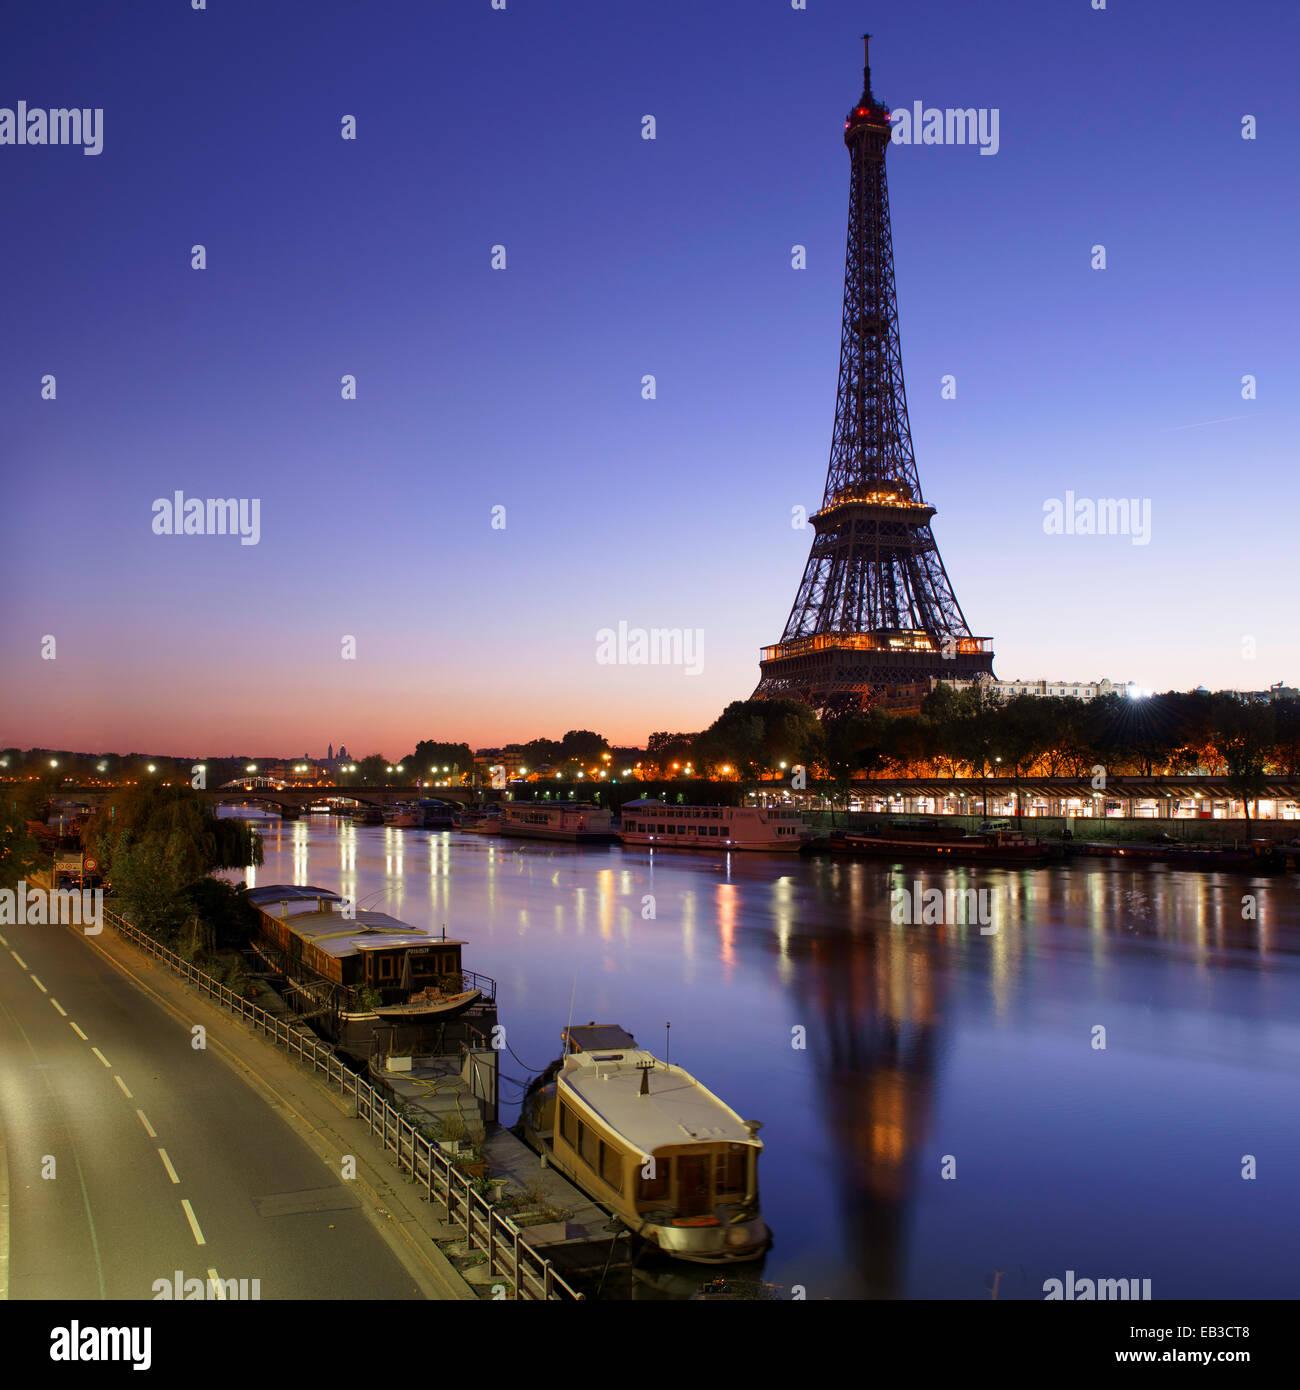 Francia, Paris, Torre Eiffel, visto desde el otro lado de Río Sena al amanecer. Imagen De Stock